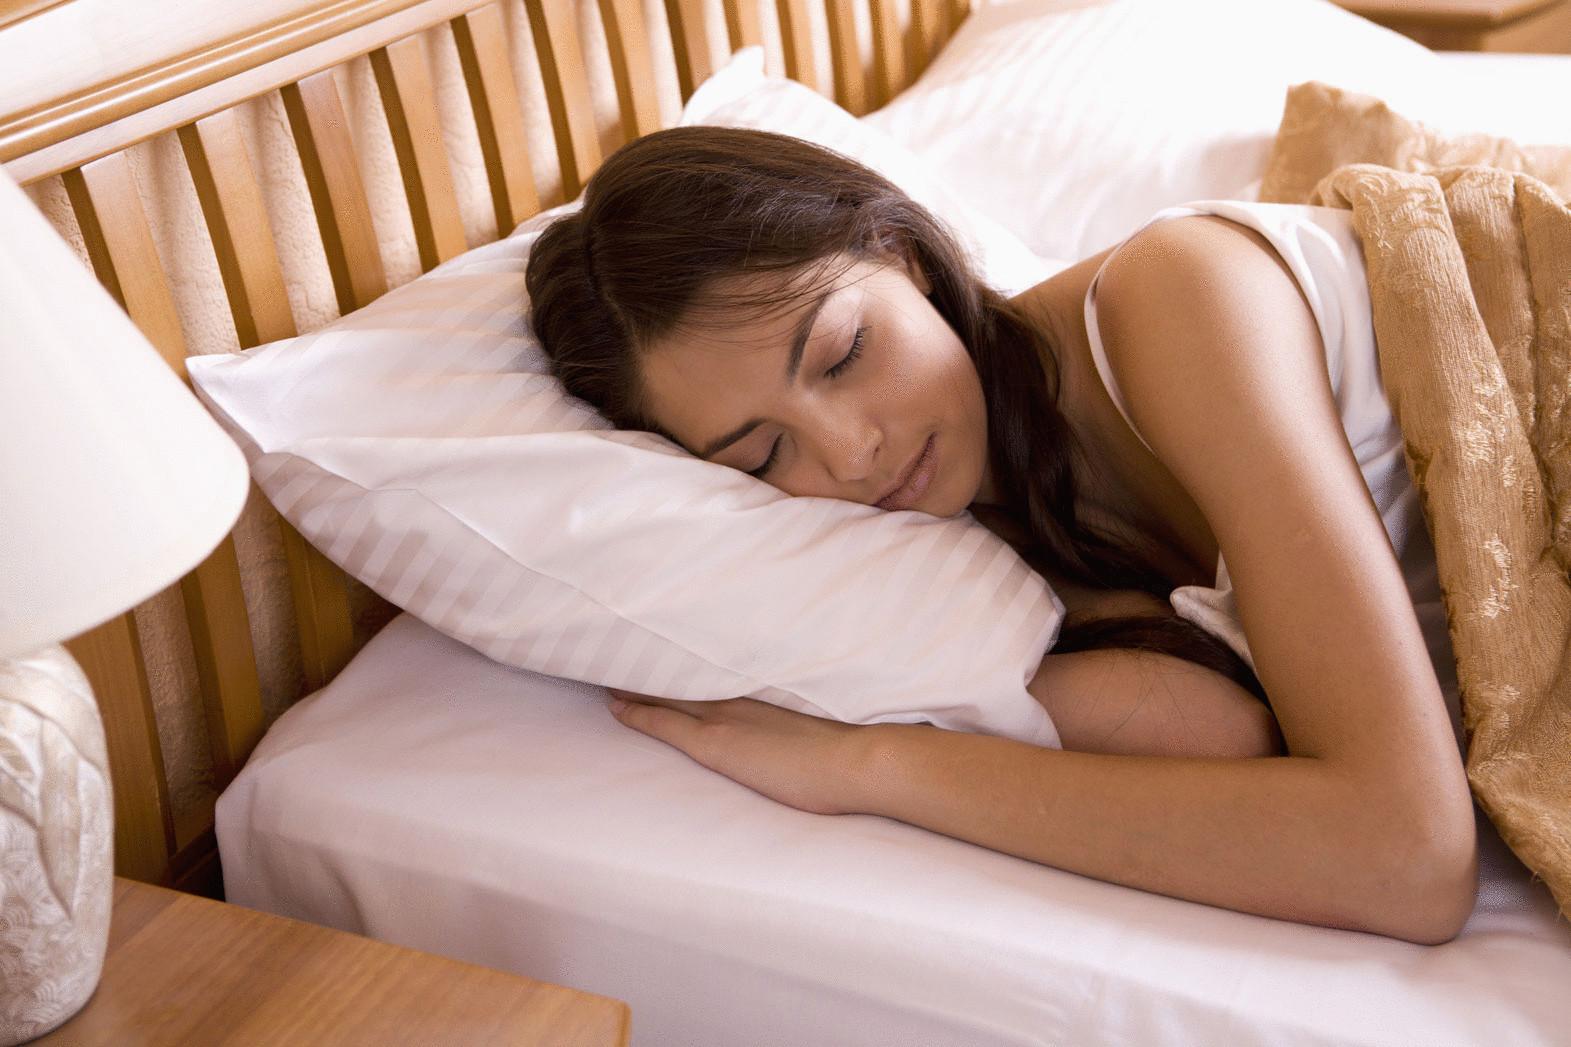 Спящую девочку порно 18 фотография